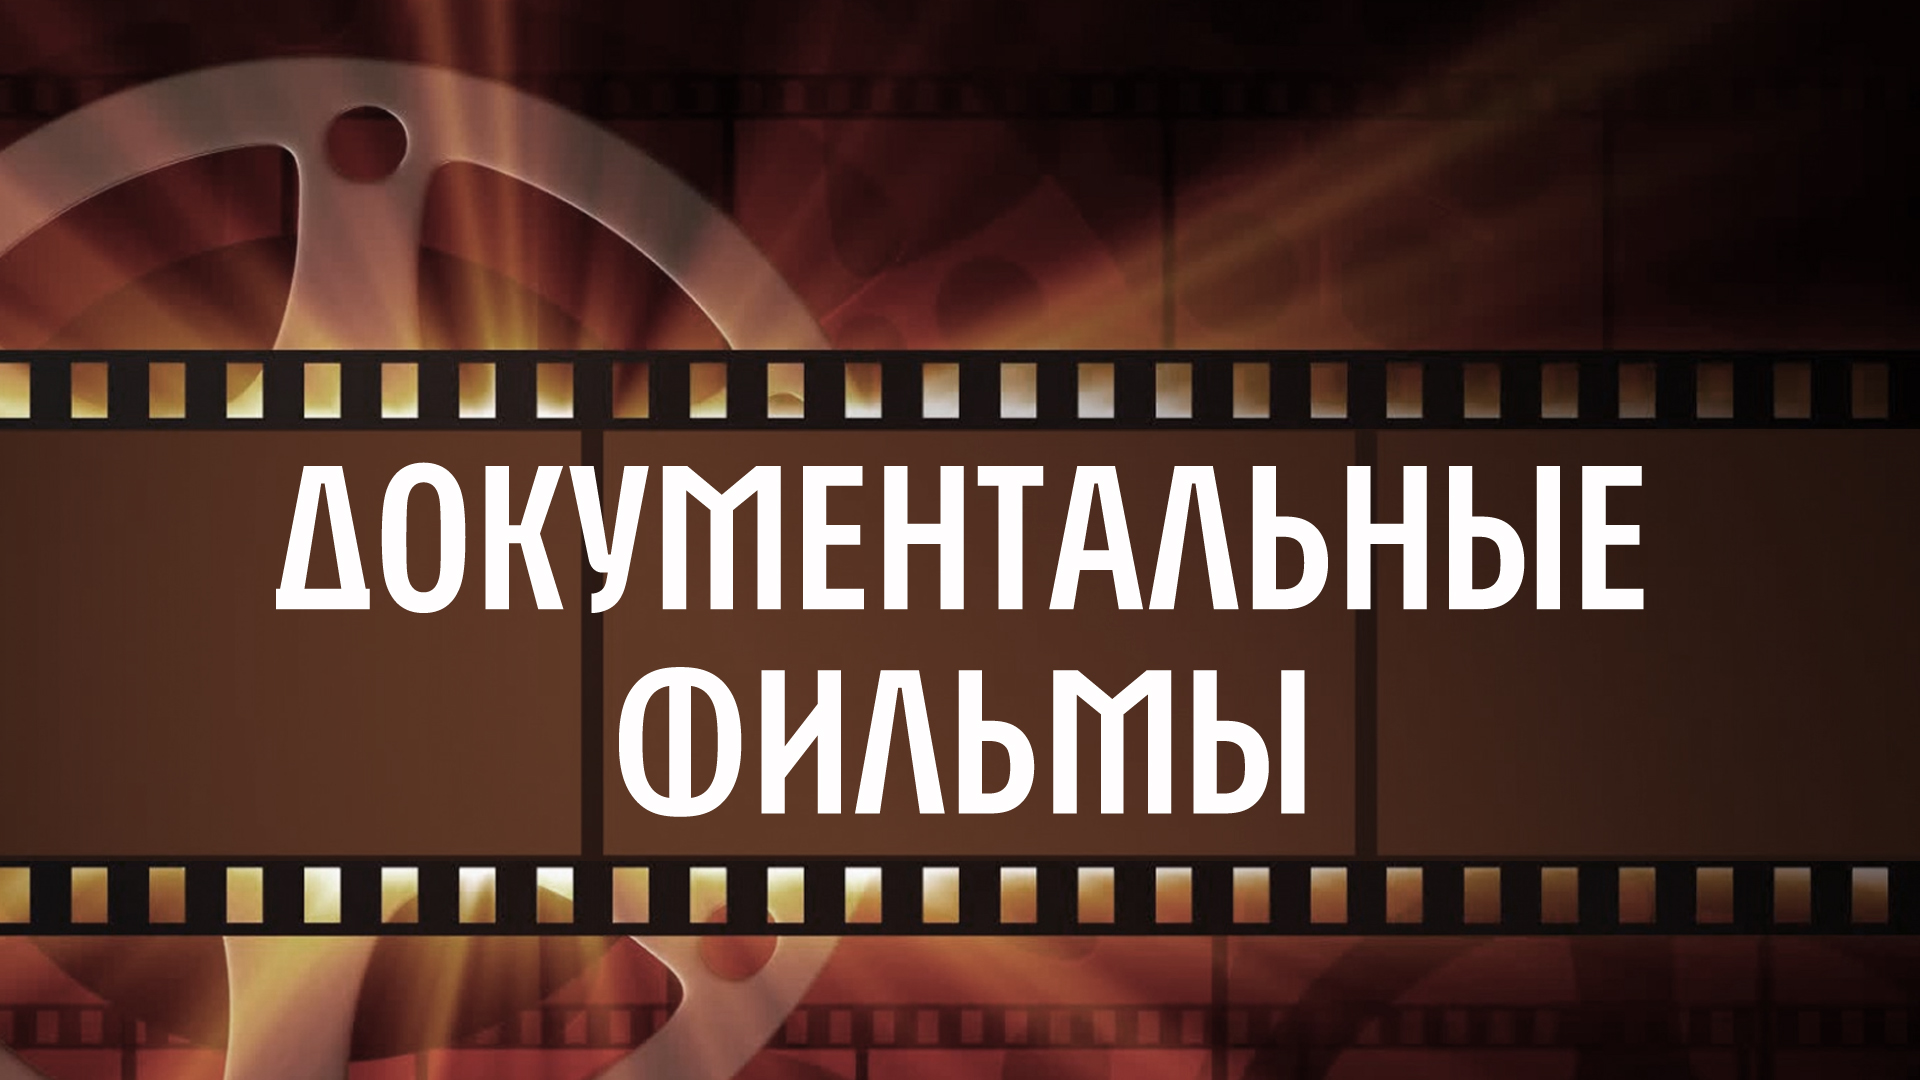 15.1. Докфильмы-1